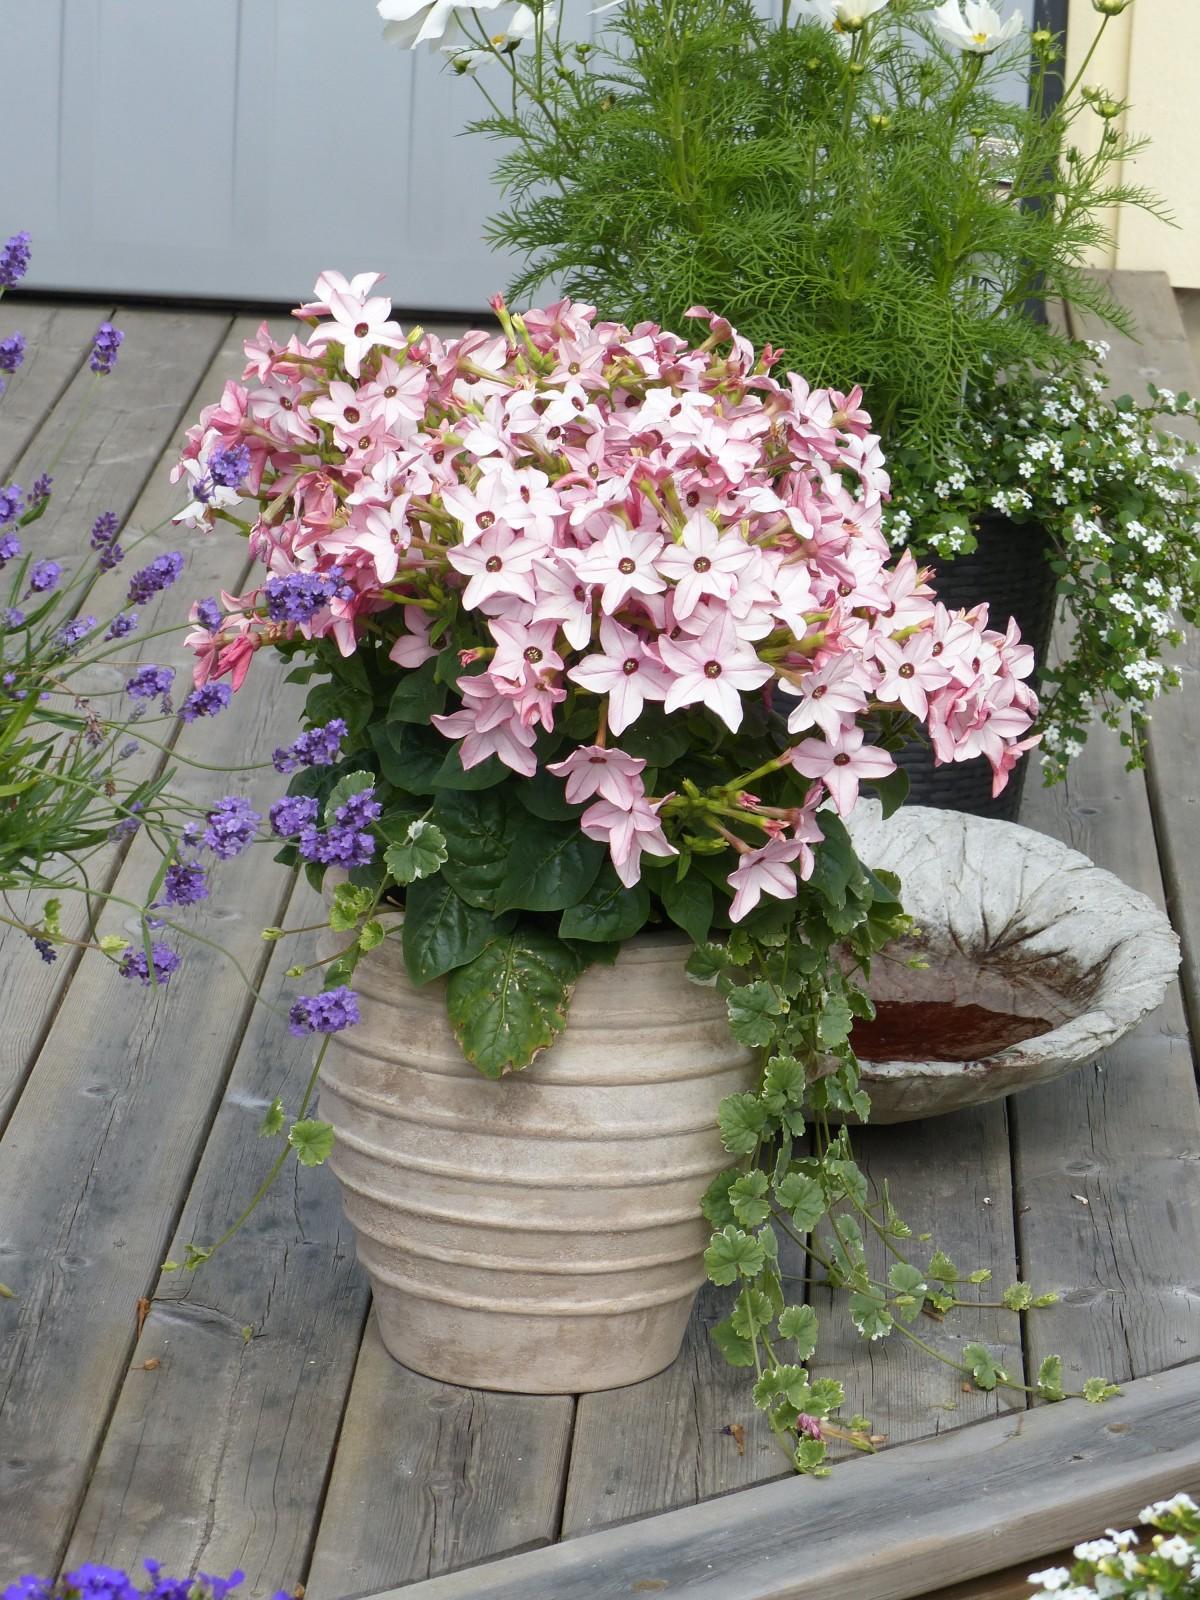 Images Gratuites Printemps Jardin Plantation Pot De Fleur Fleuriste Plante Fleurs